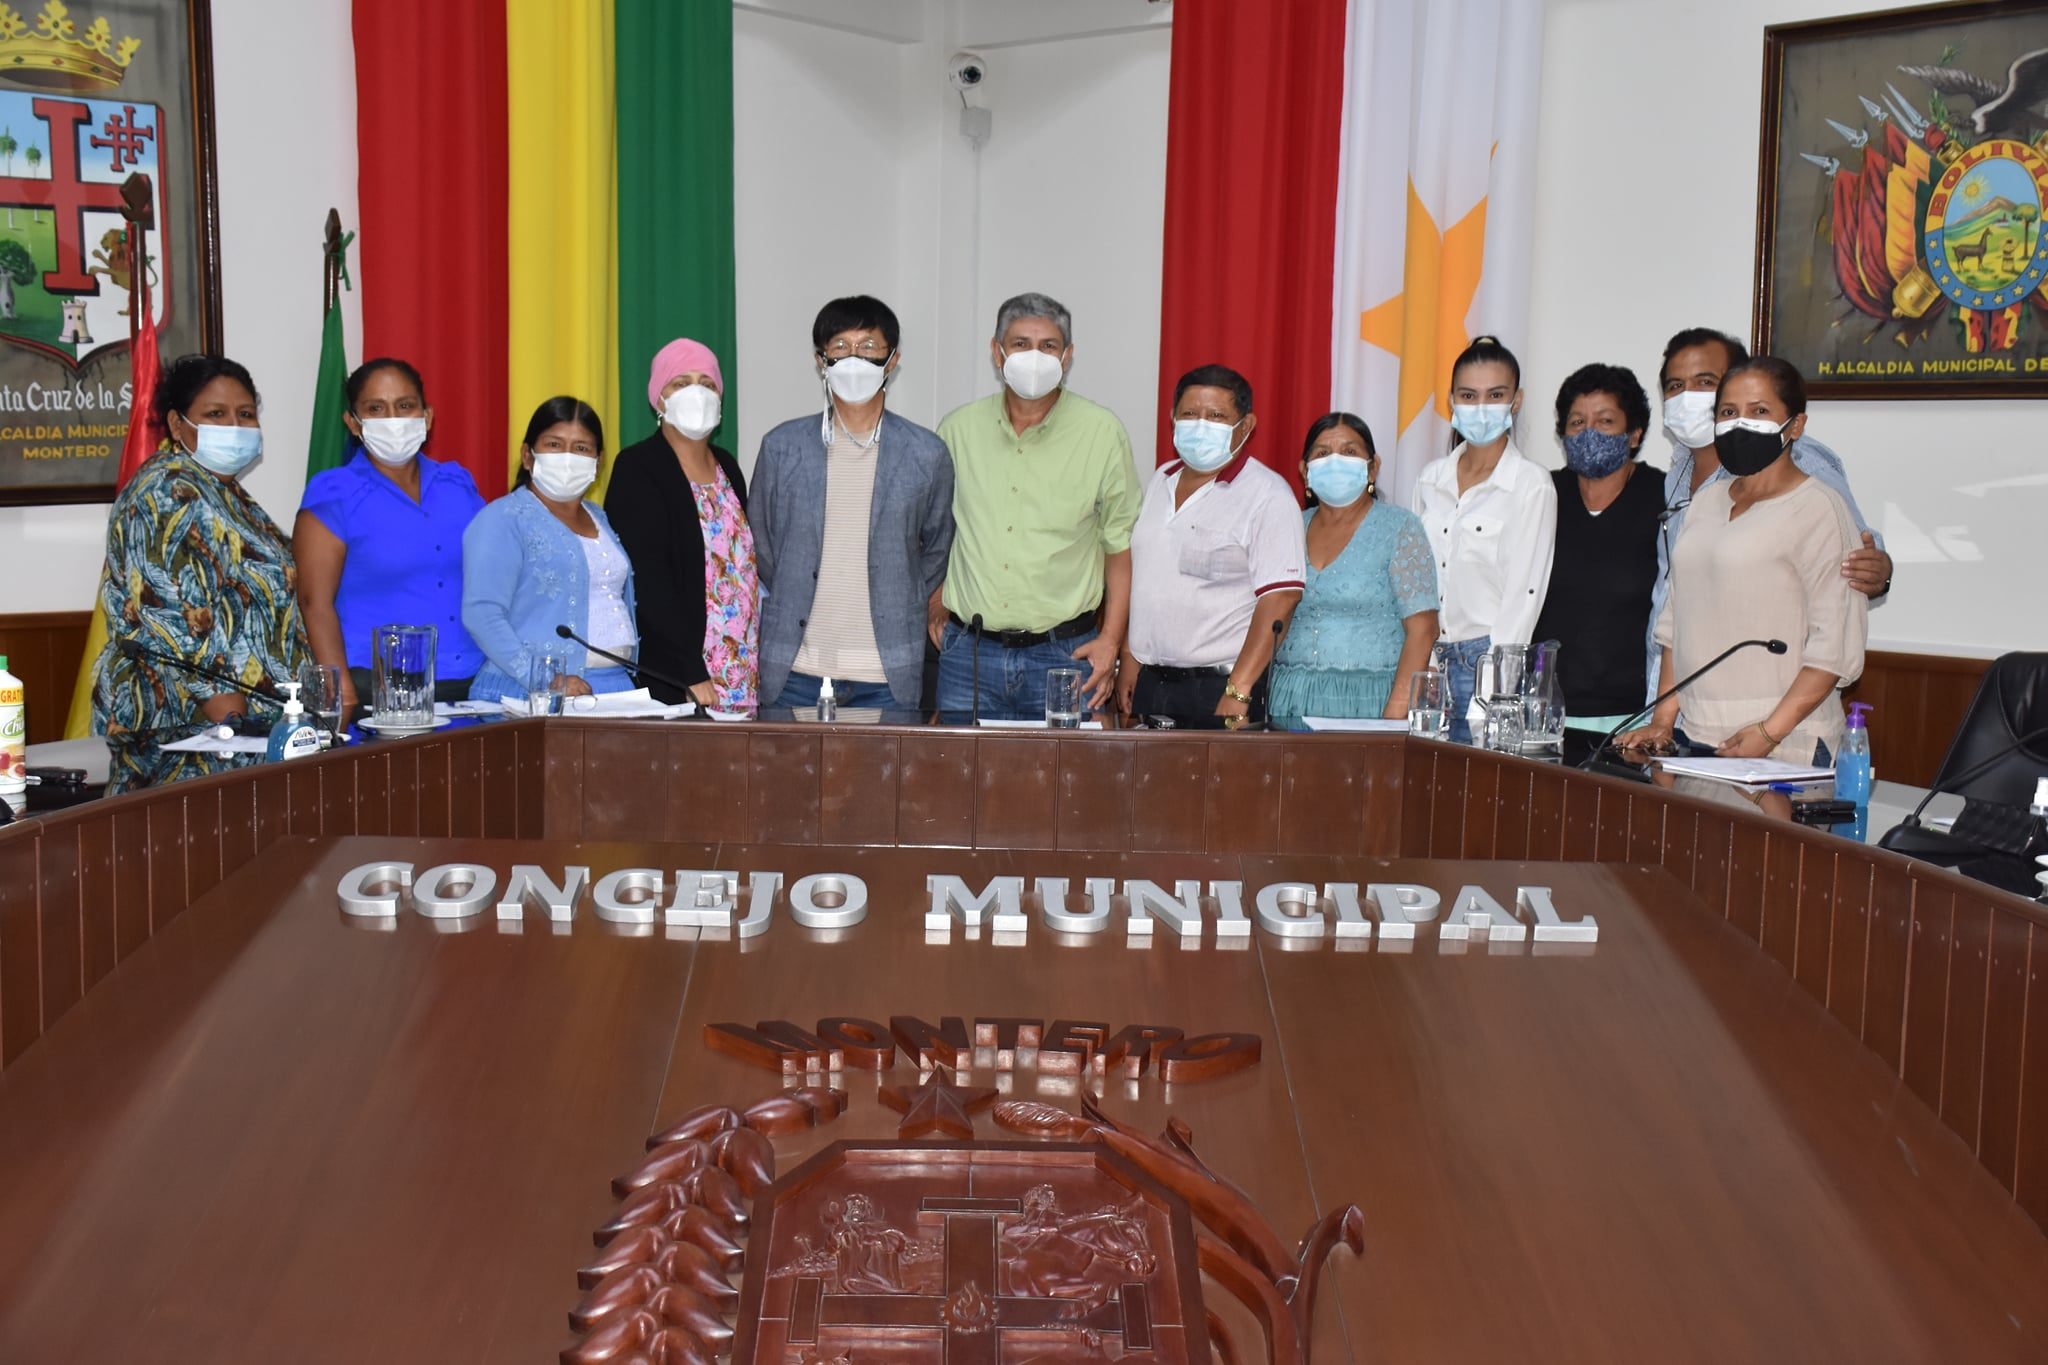 Empresa coreana SANJUNG presenta idea de proyecto 'Montero con economía verde' que consiste en el reciclado del plástico para fabricar tubos con una vida útil de 400 años.